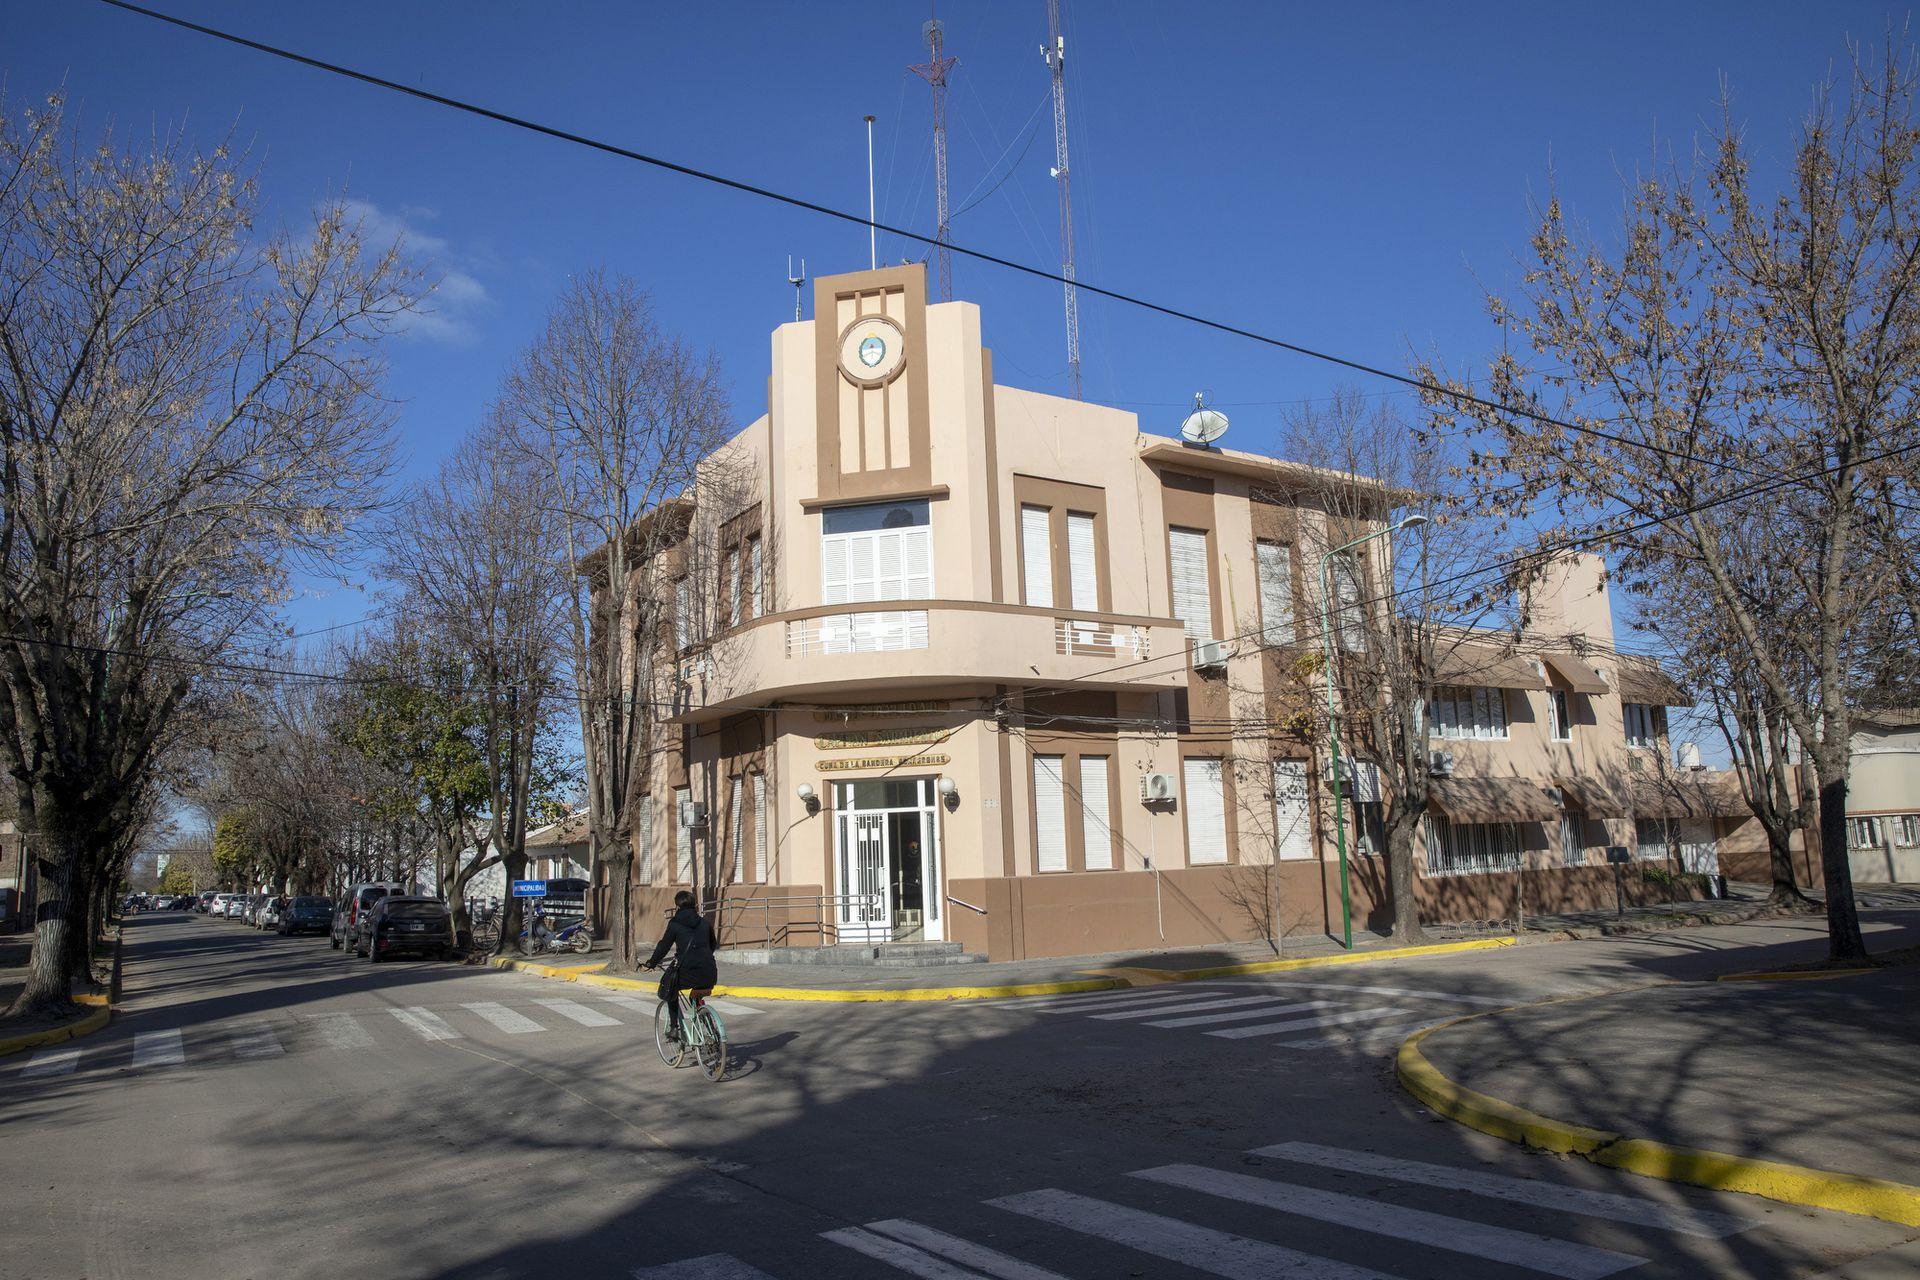 Frente de la municipalidad de Capitán Sarmiento: en la comparación interanual, pasó de recaudar $104 millones, en 2019, a $180 millones en 2020, un aumento de casi 75%, en un período en el que hubo 36,1% de inflación.